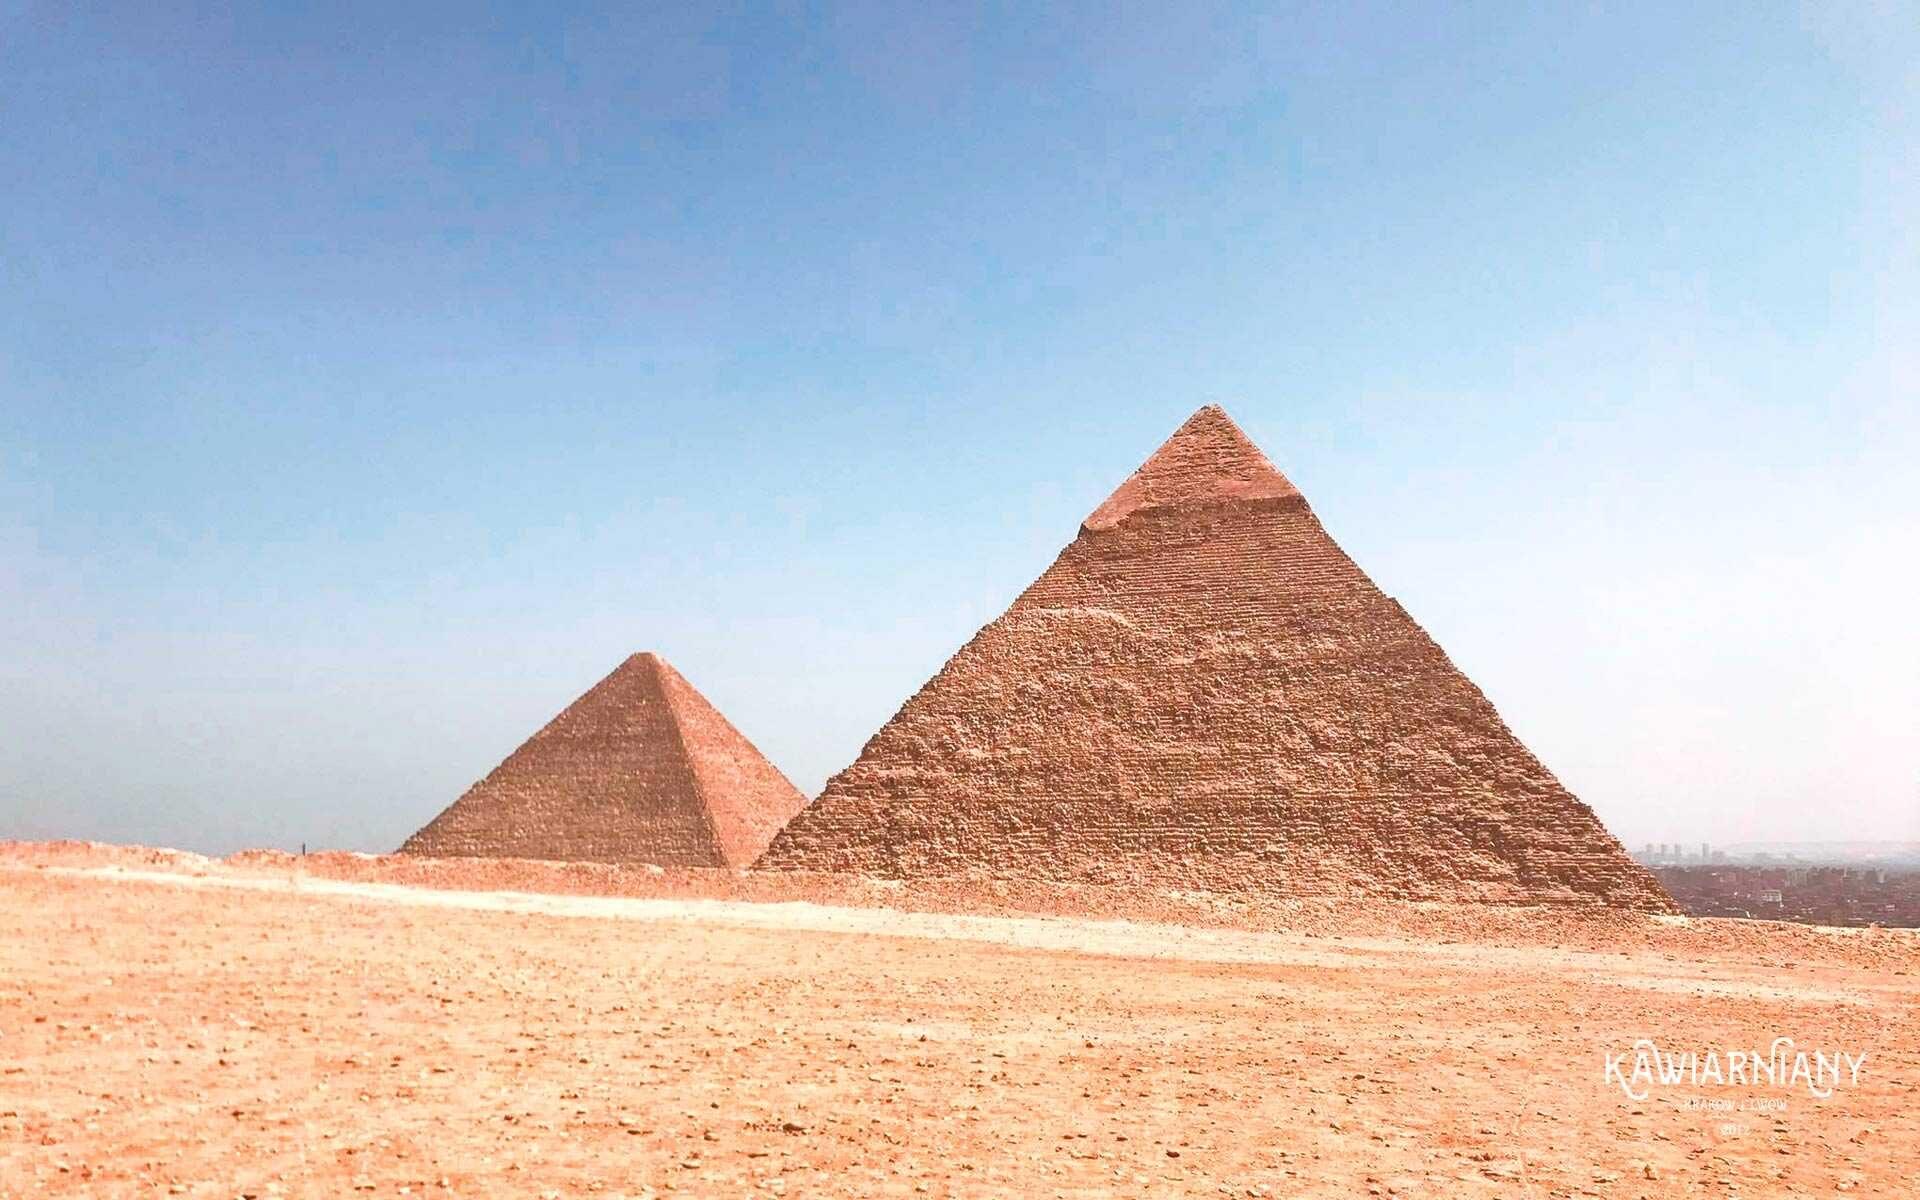 Jaki jest język w Egipcie? Czy język egipski czy arabski?